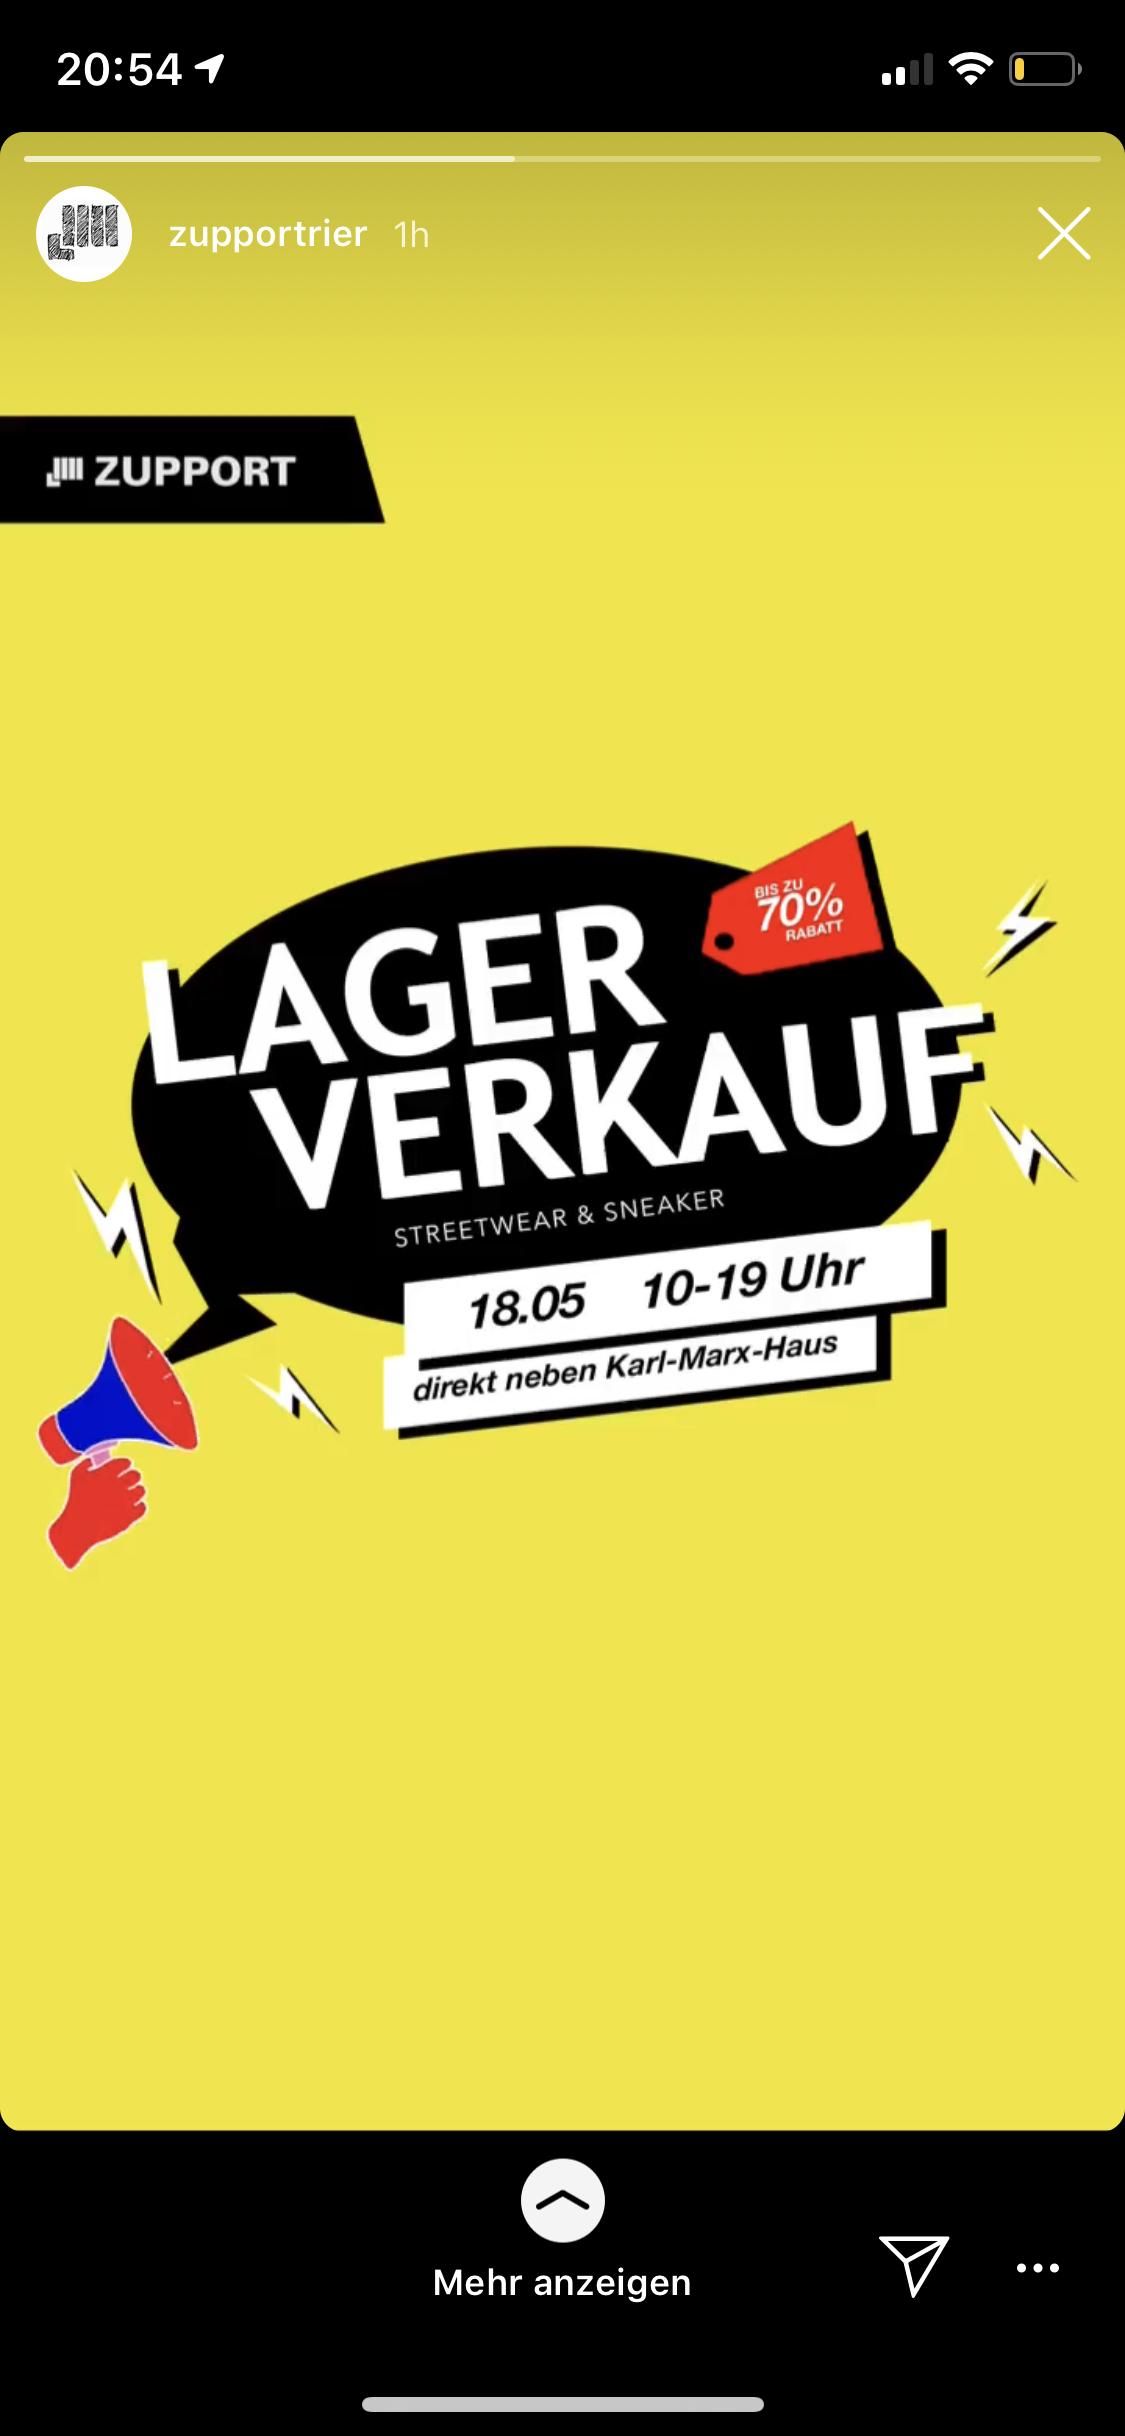 Lagerverkauf - Bis zu 70% Rabatt bei ZUPPORT in Trier